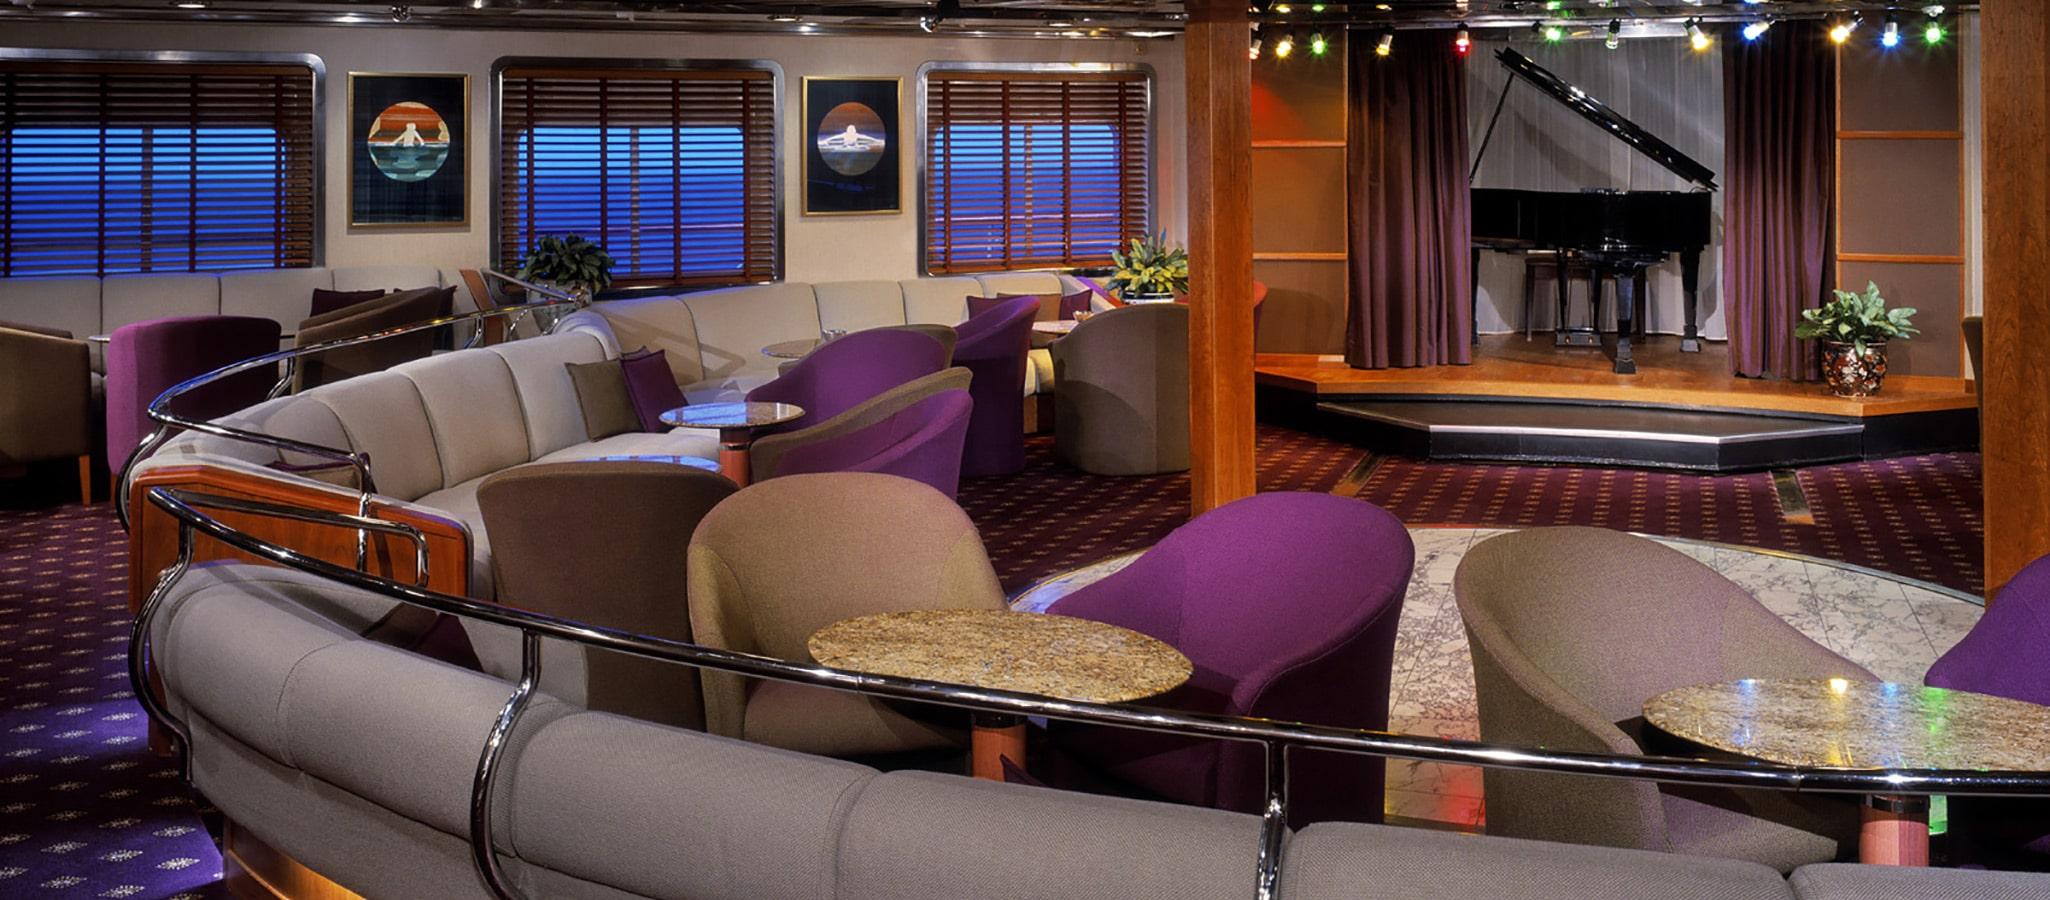 Konferenzen lassen sich auch an Bord von kleinen Kreuzfahrtschiffen hochprofessionell umsetzen.